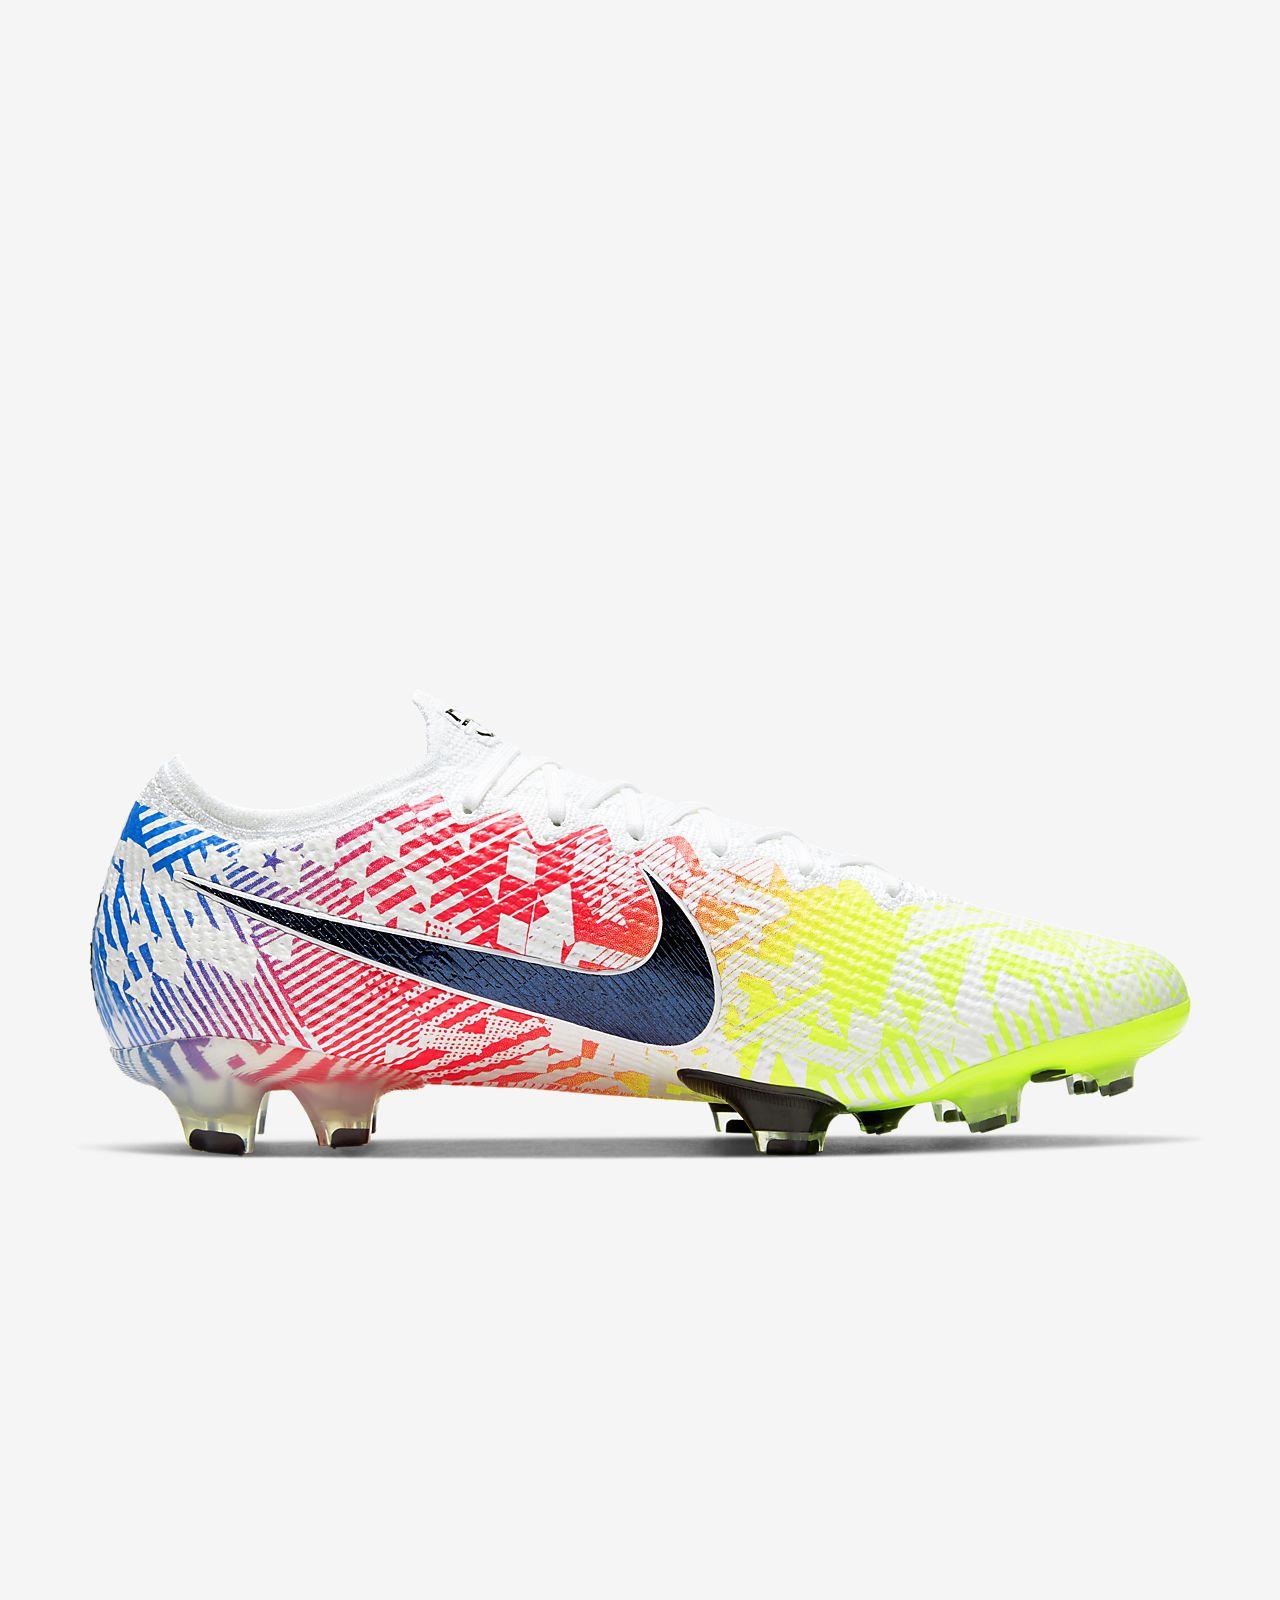 Nike Mercurial Vapor 13 Elite Neymar Jr. FG Fußballschuh für normalen Rasen